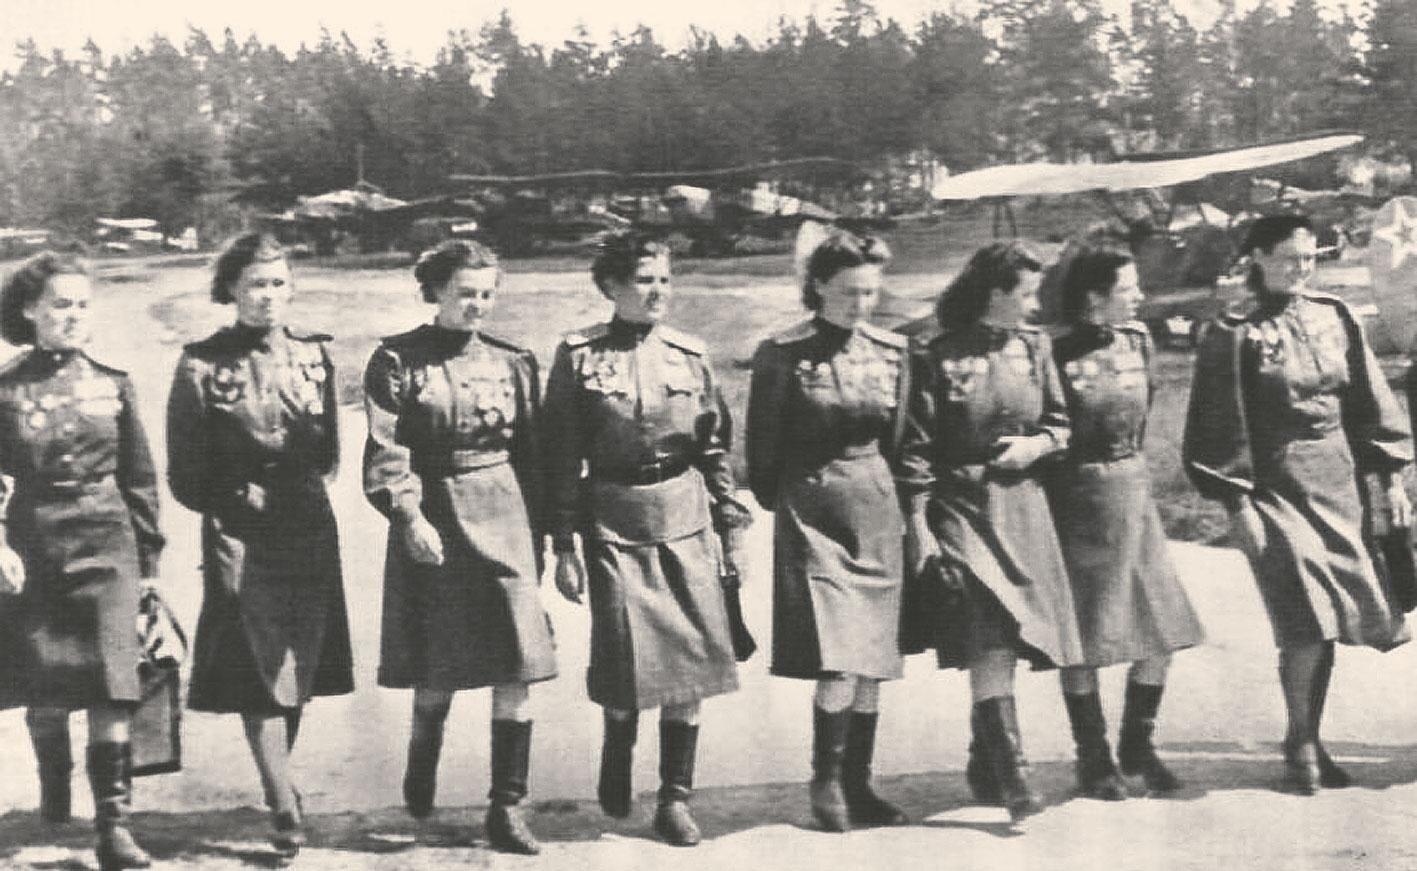 Сухие факты о девчатах из 46-го гвардейского ночного бомбардировочного авиационного полка